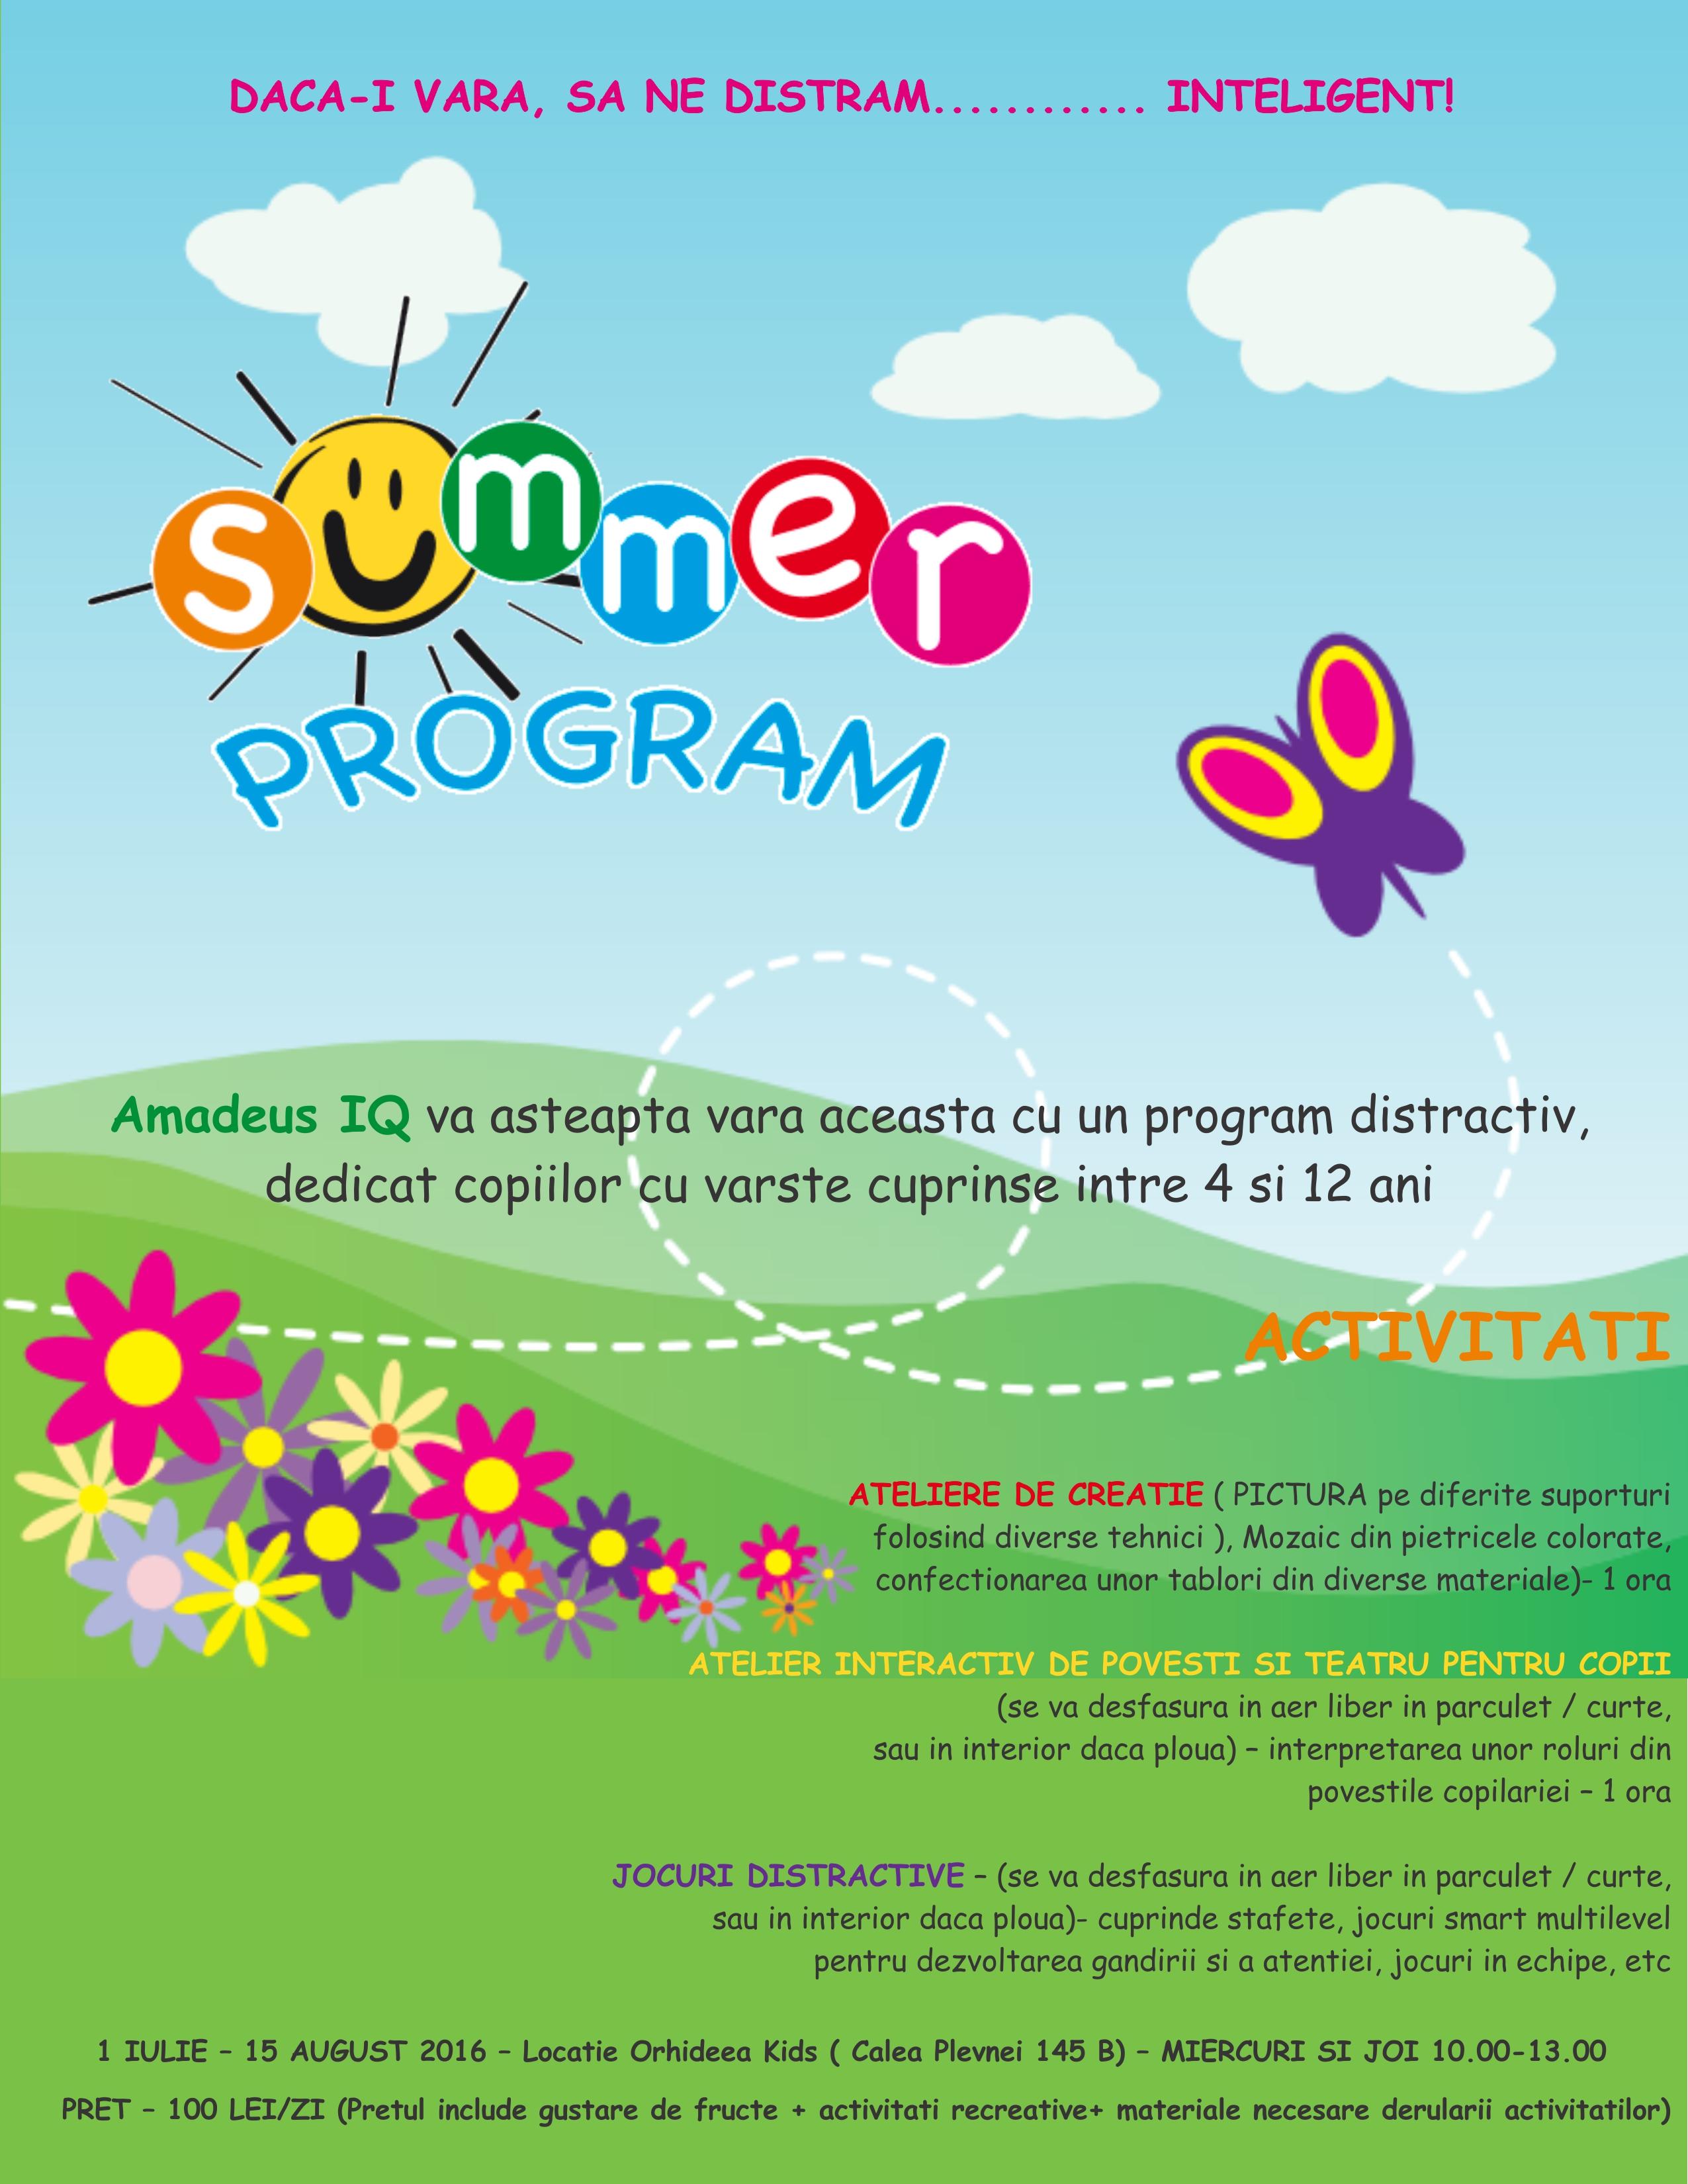 Program de vara 2016